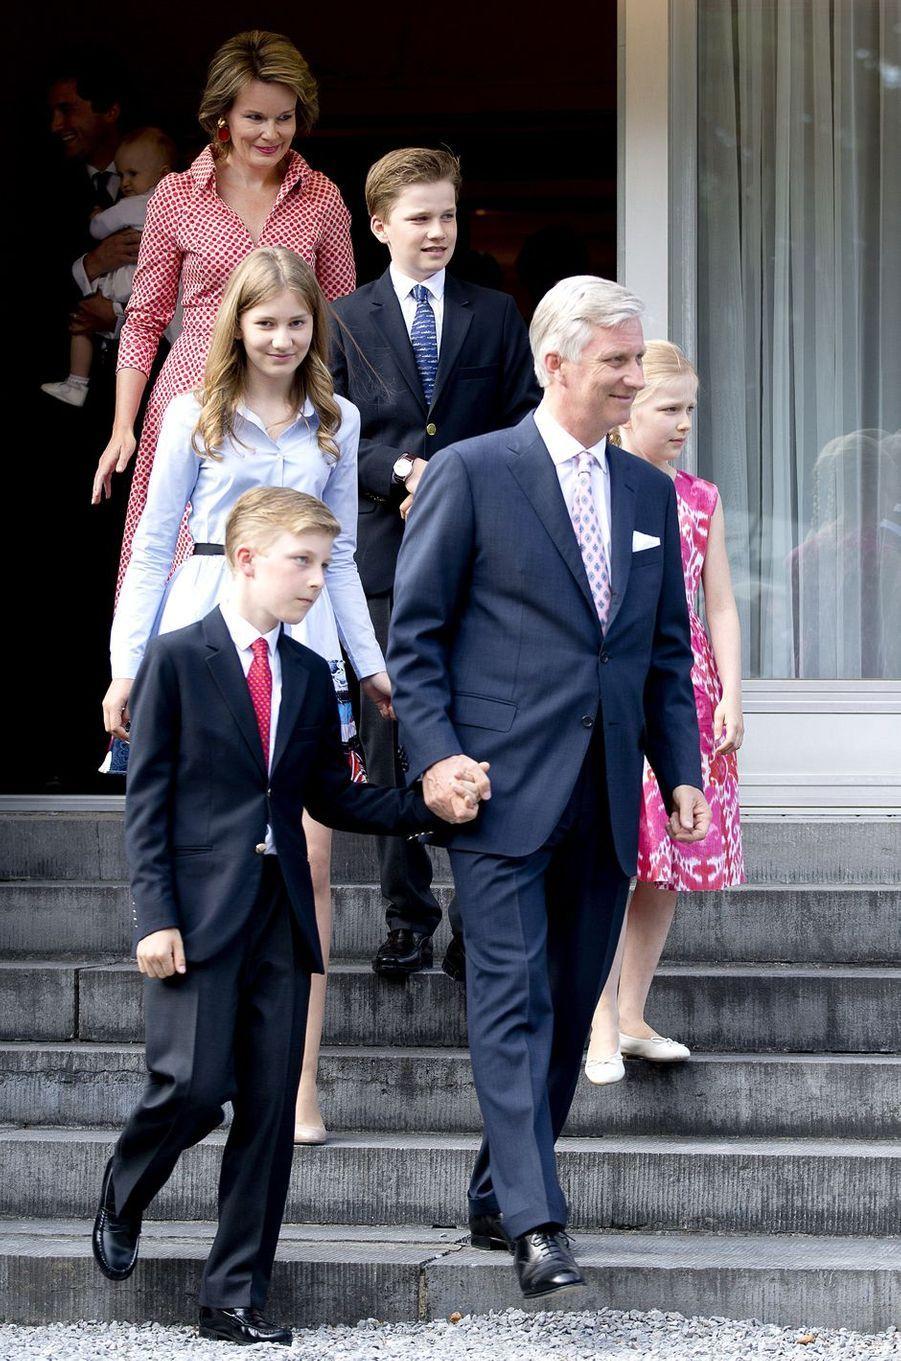 La reine Mathilde et le roi Philippe de Belgique avec leurs enfants à Waterloo, le 29 juin 2017